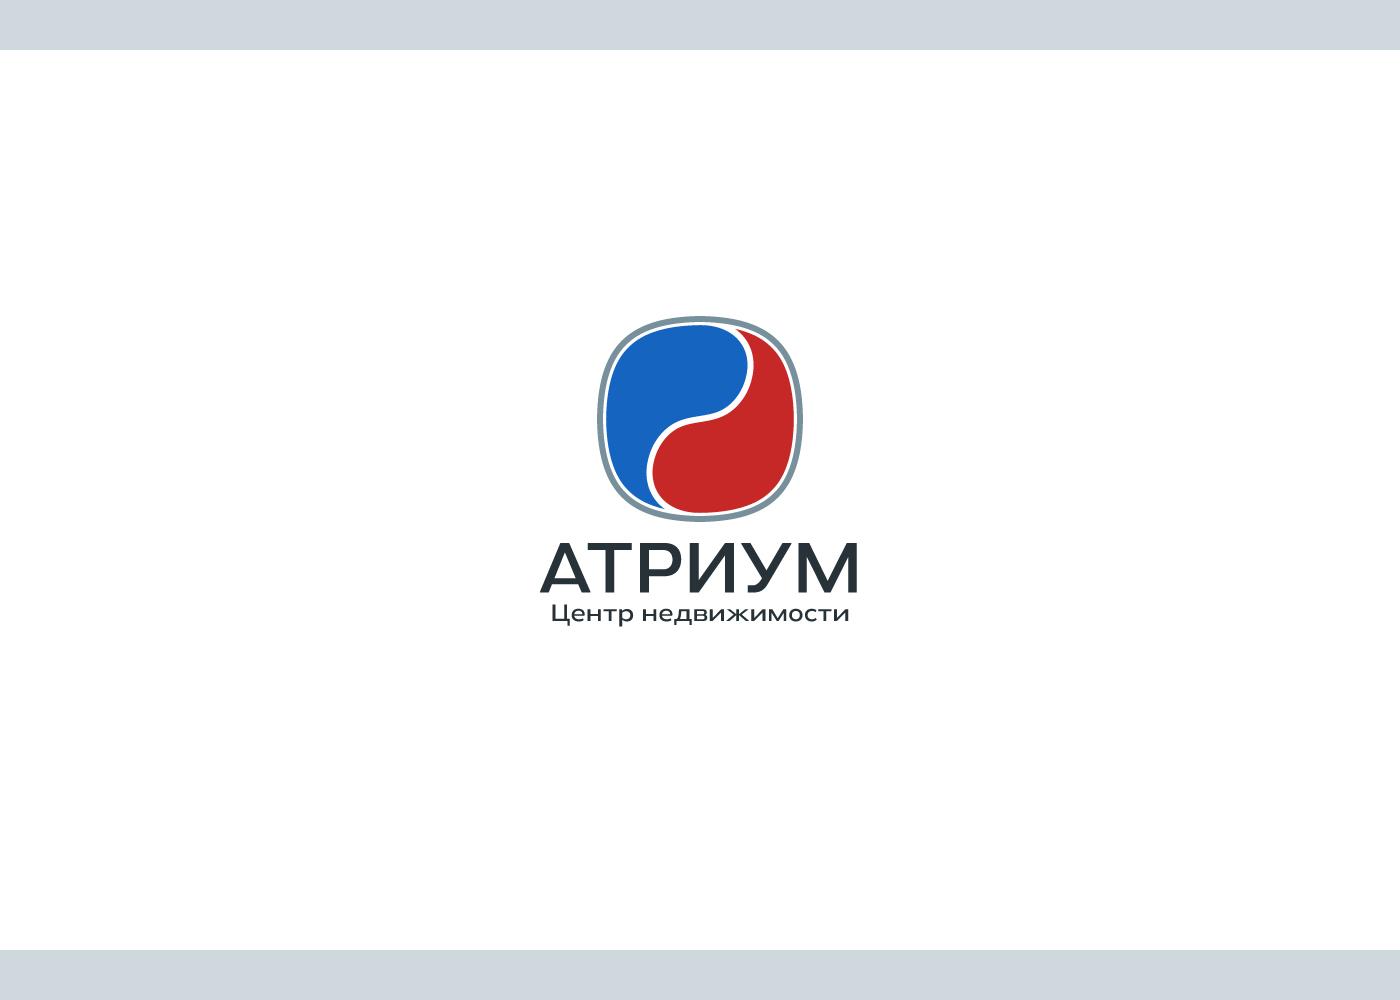 Редизайн / модернизация логотипа Центра недвижимости фото f_6485bd2e9c80c142.jpg